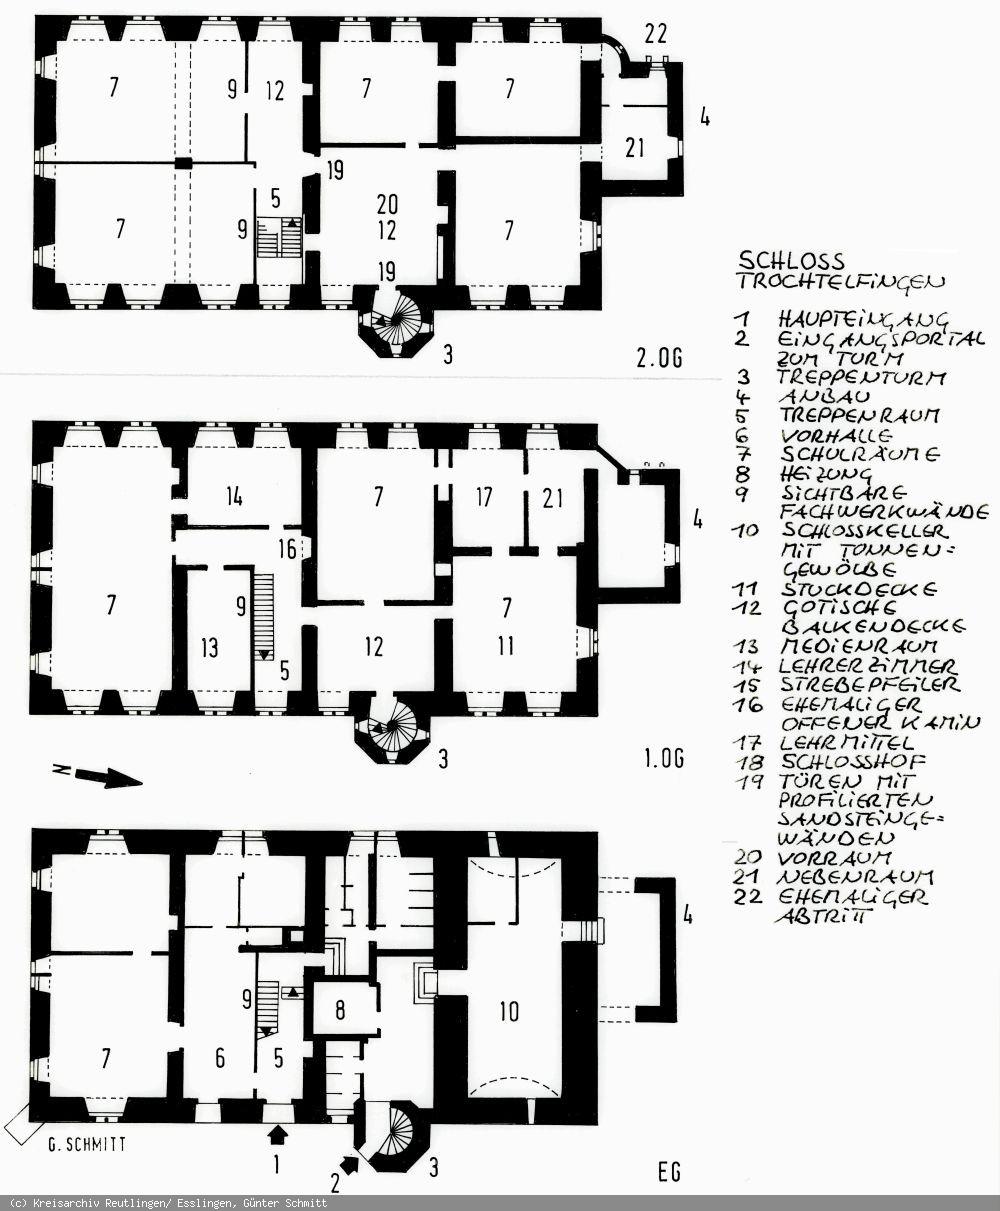 Lageplan des Schlosses Trochtelfingen